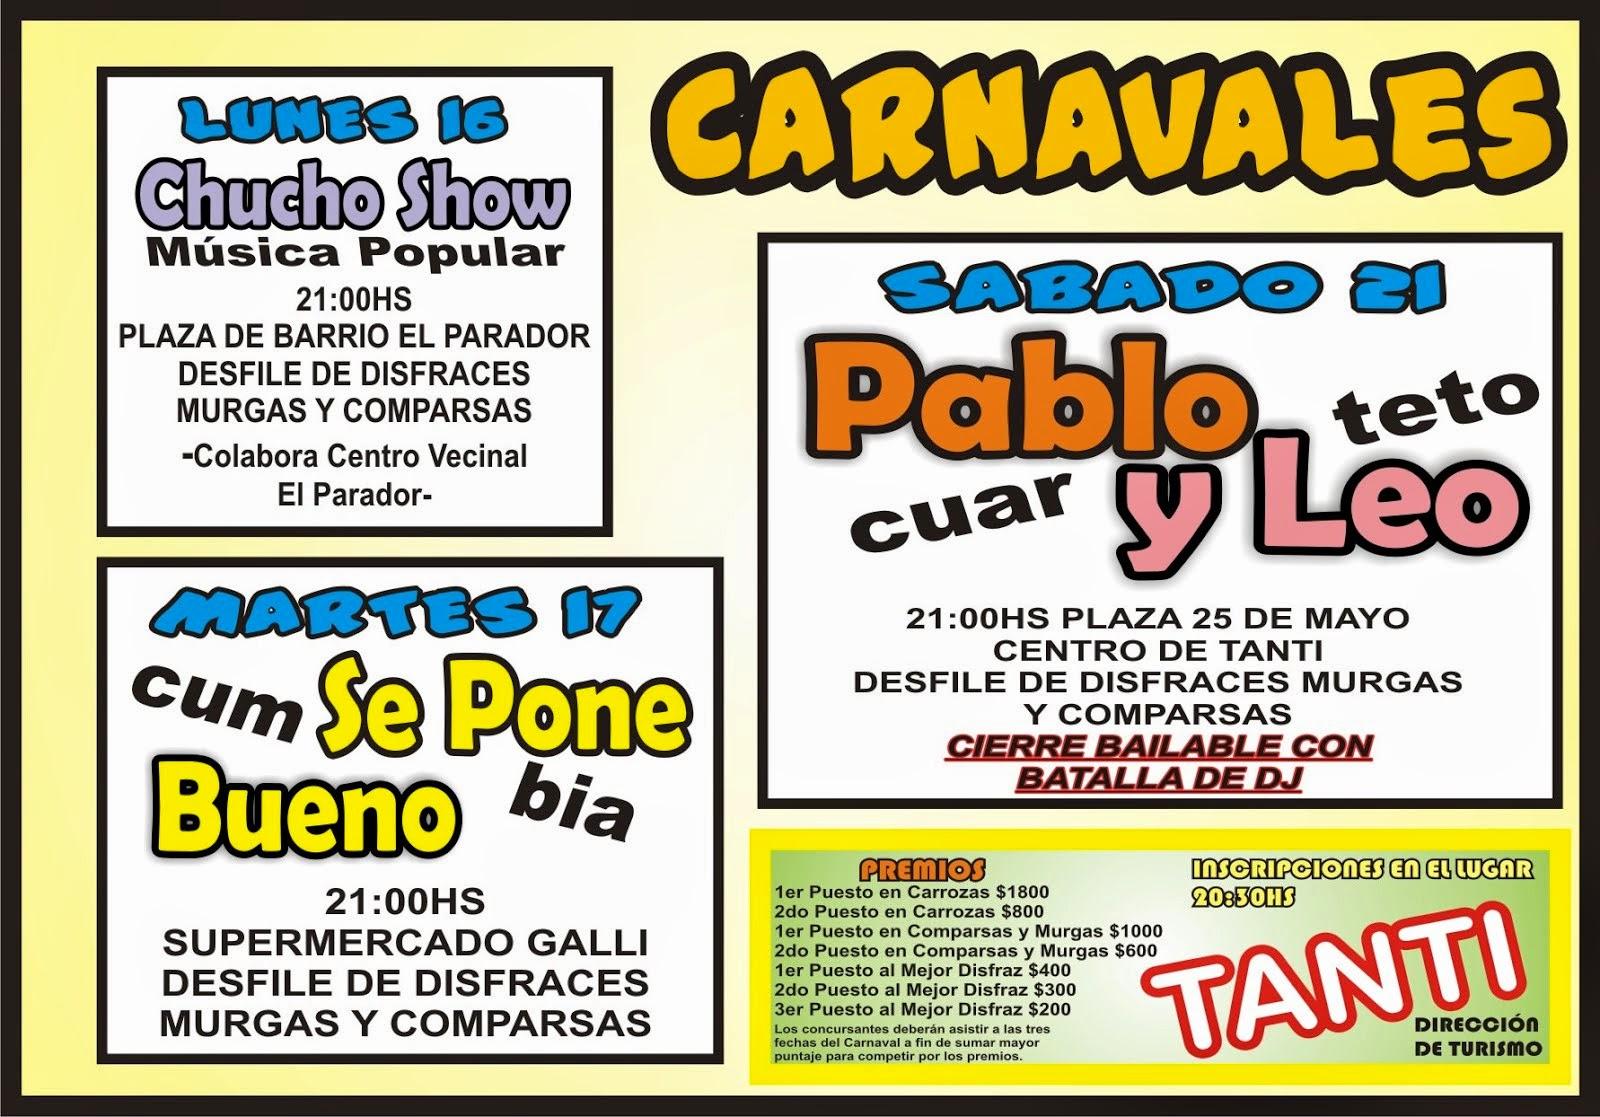 Carnavales en Tanti 2015